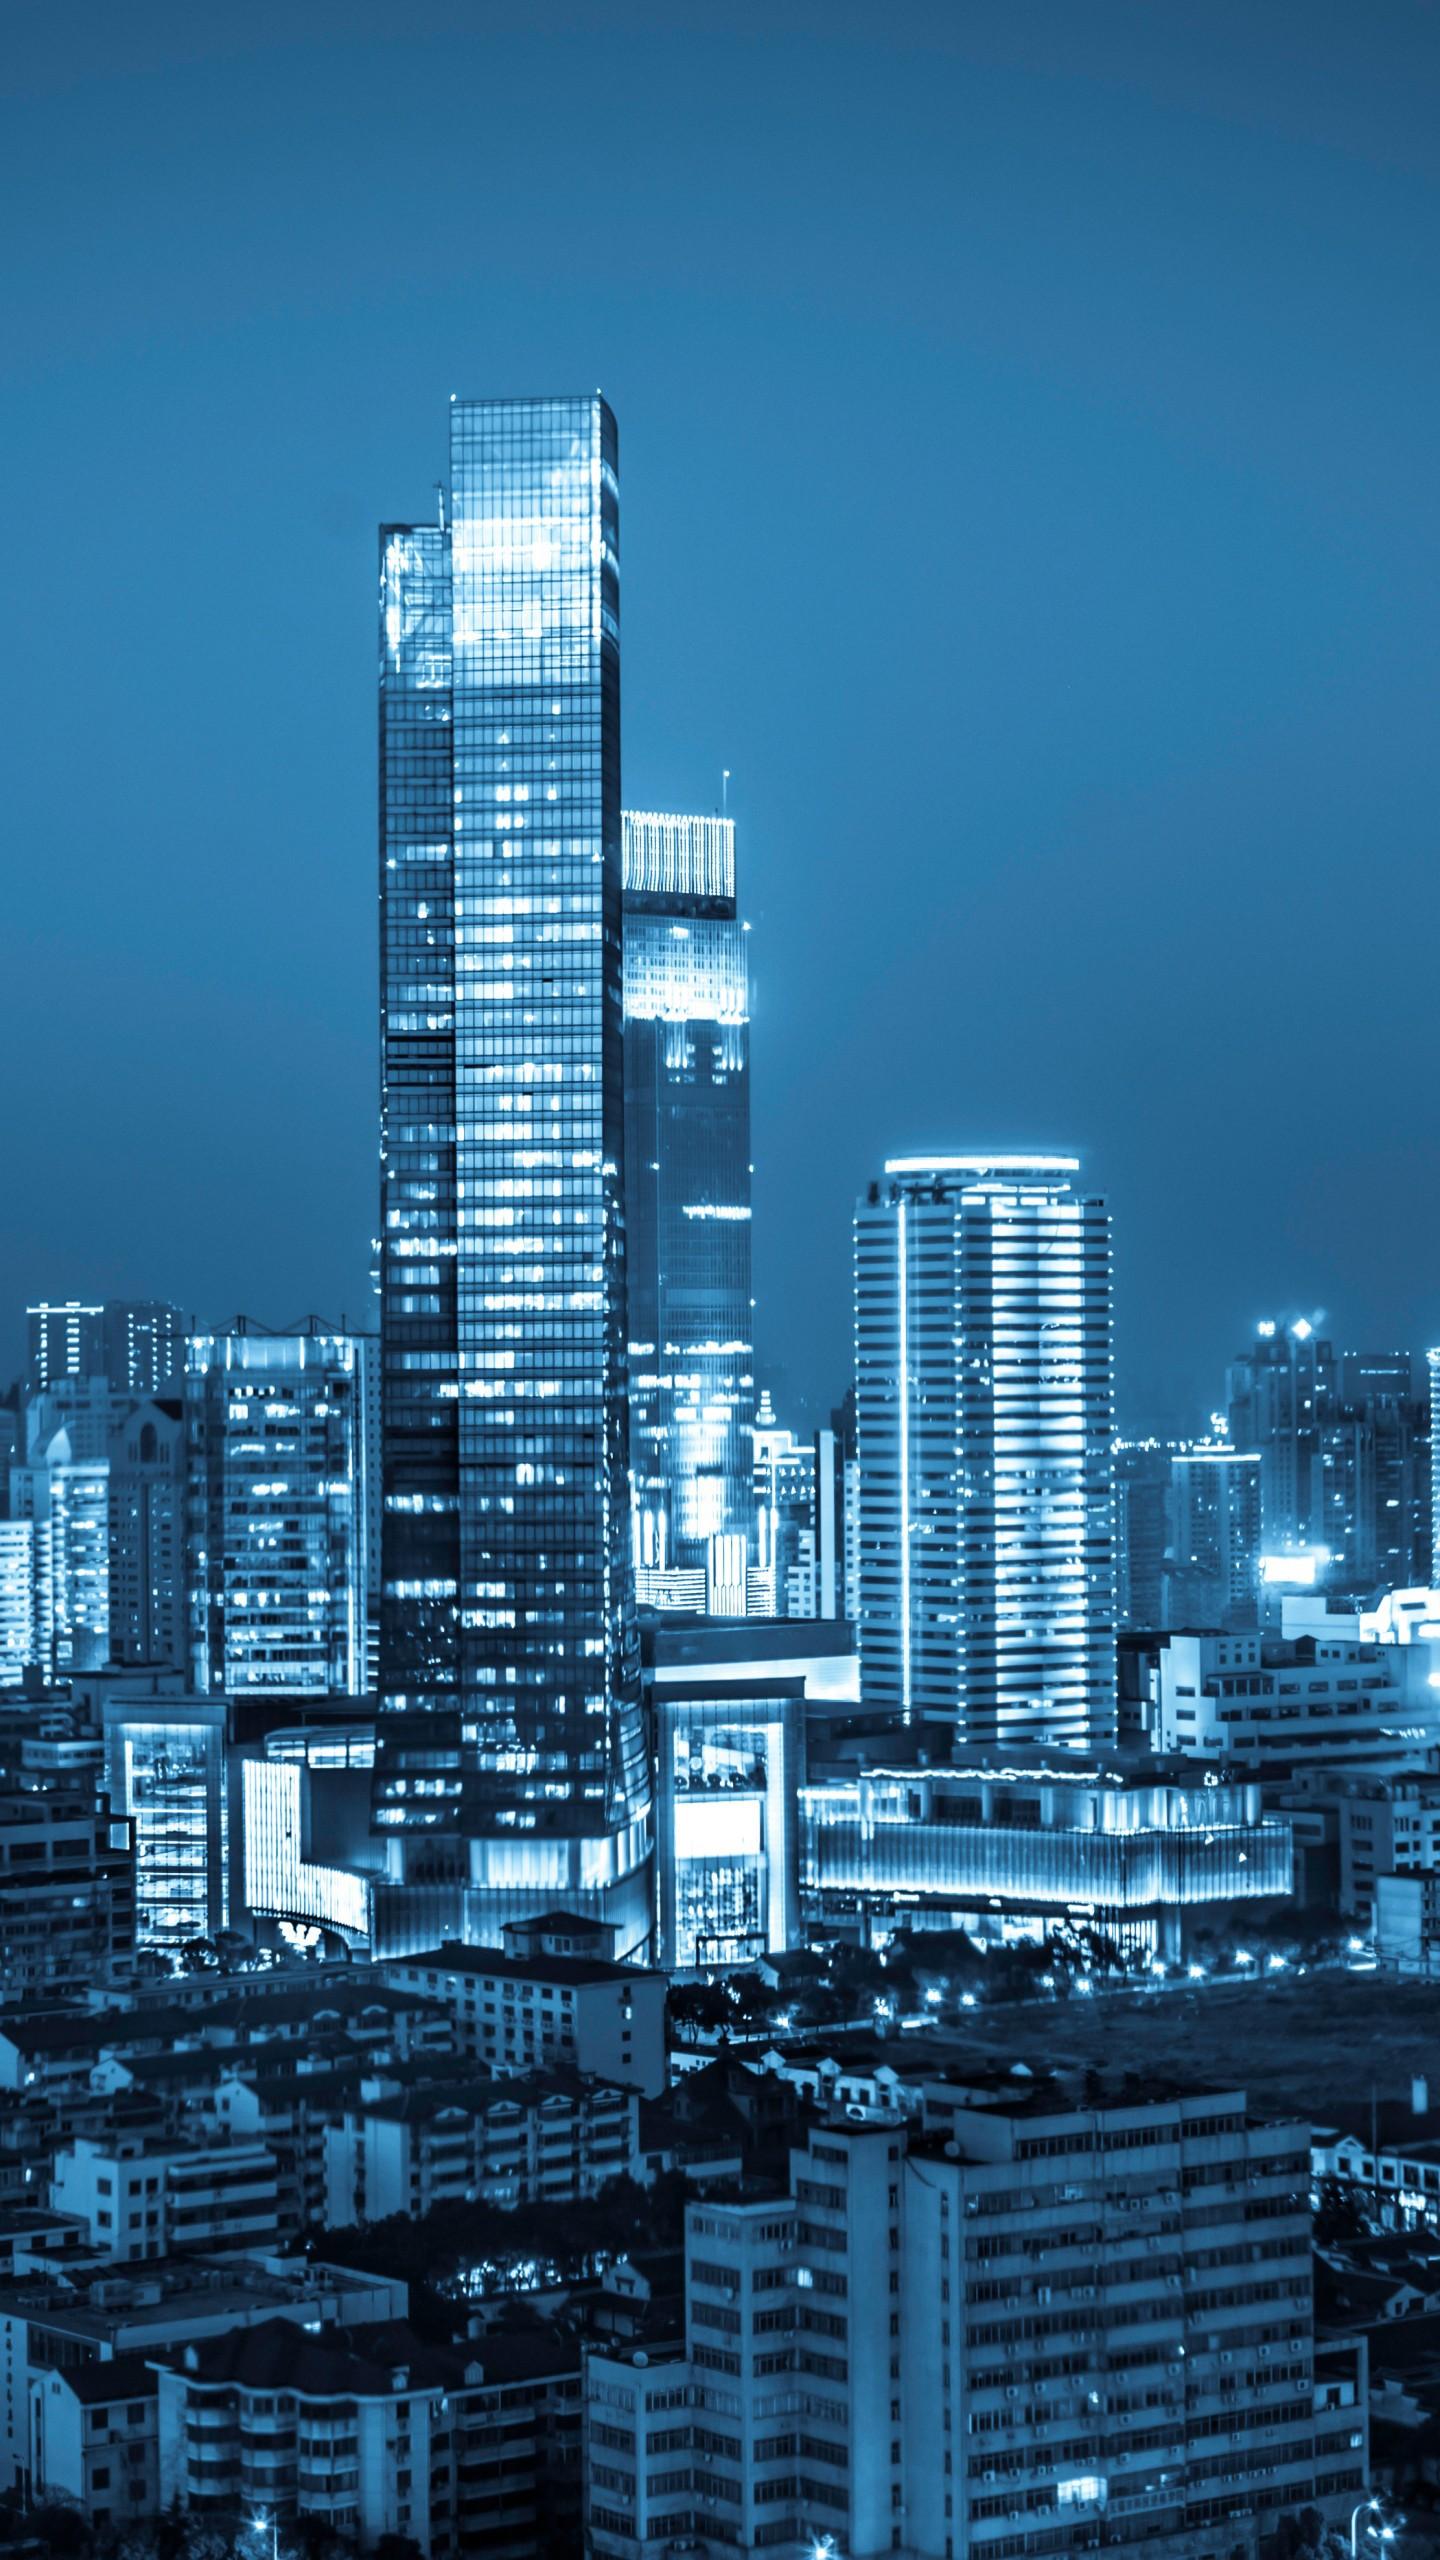 عکس زمینه شهر مدرن جهانی در شب و ساختمان های بلند پس زمینه